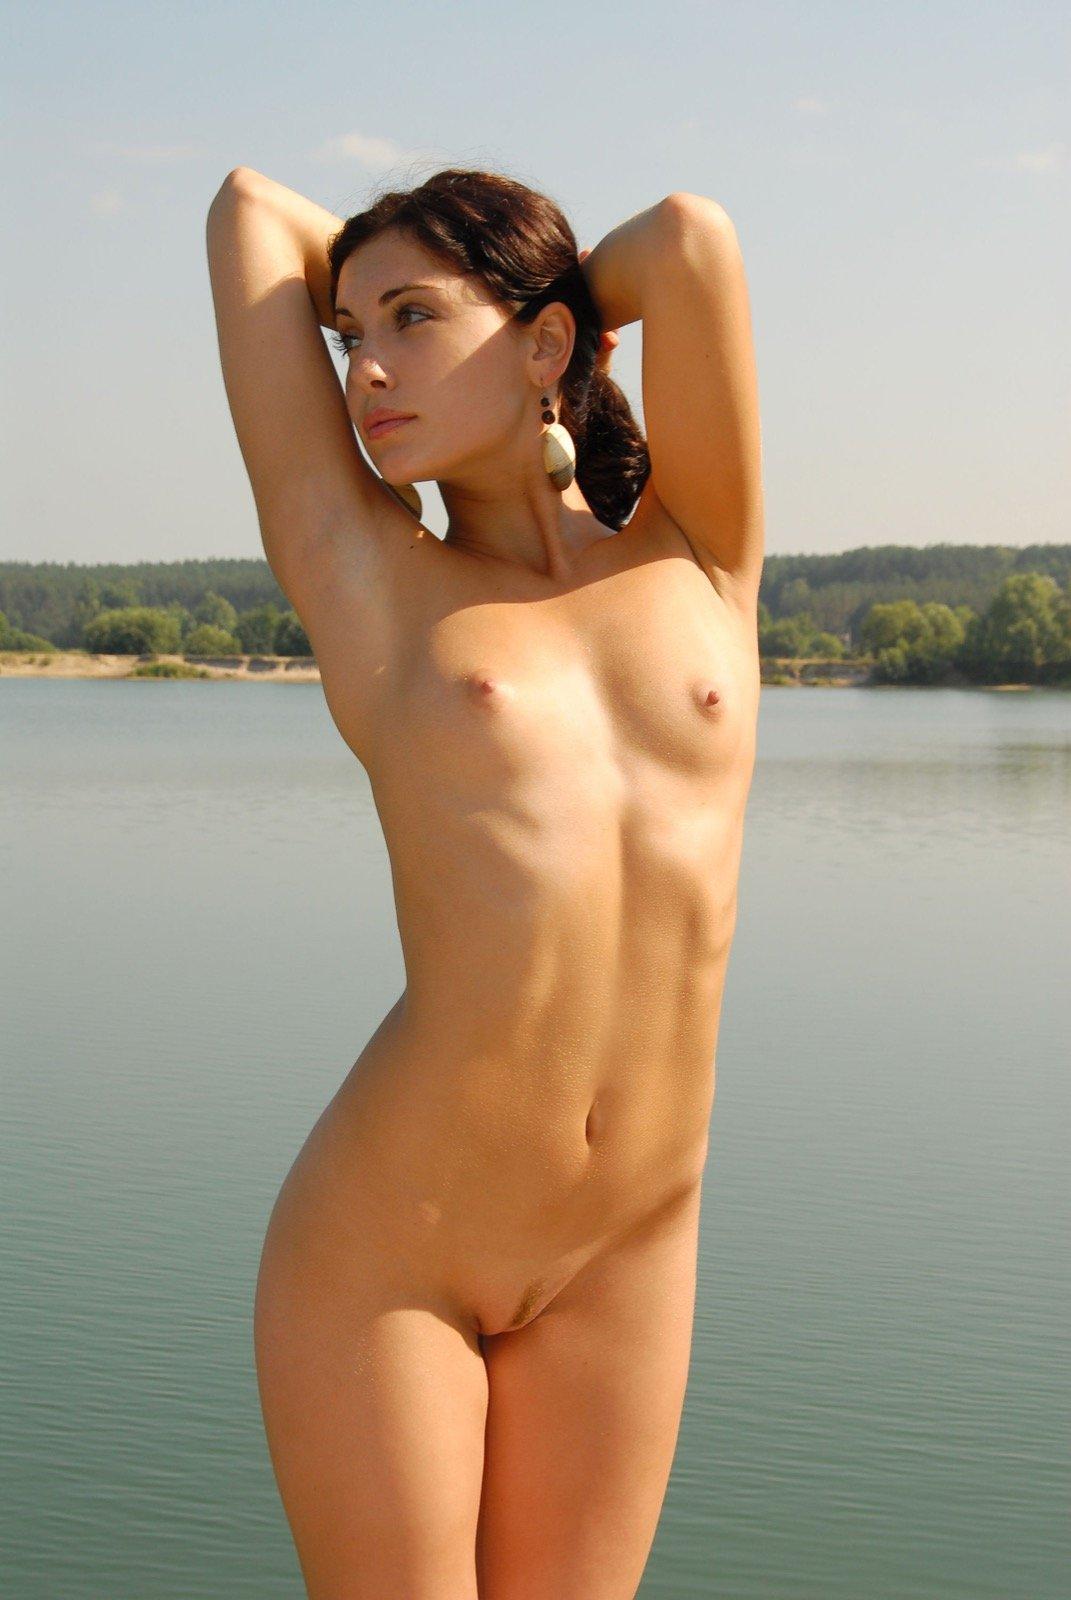 Голая девица с плоскими сиськами лежит на шезлонге